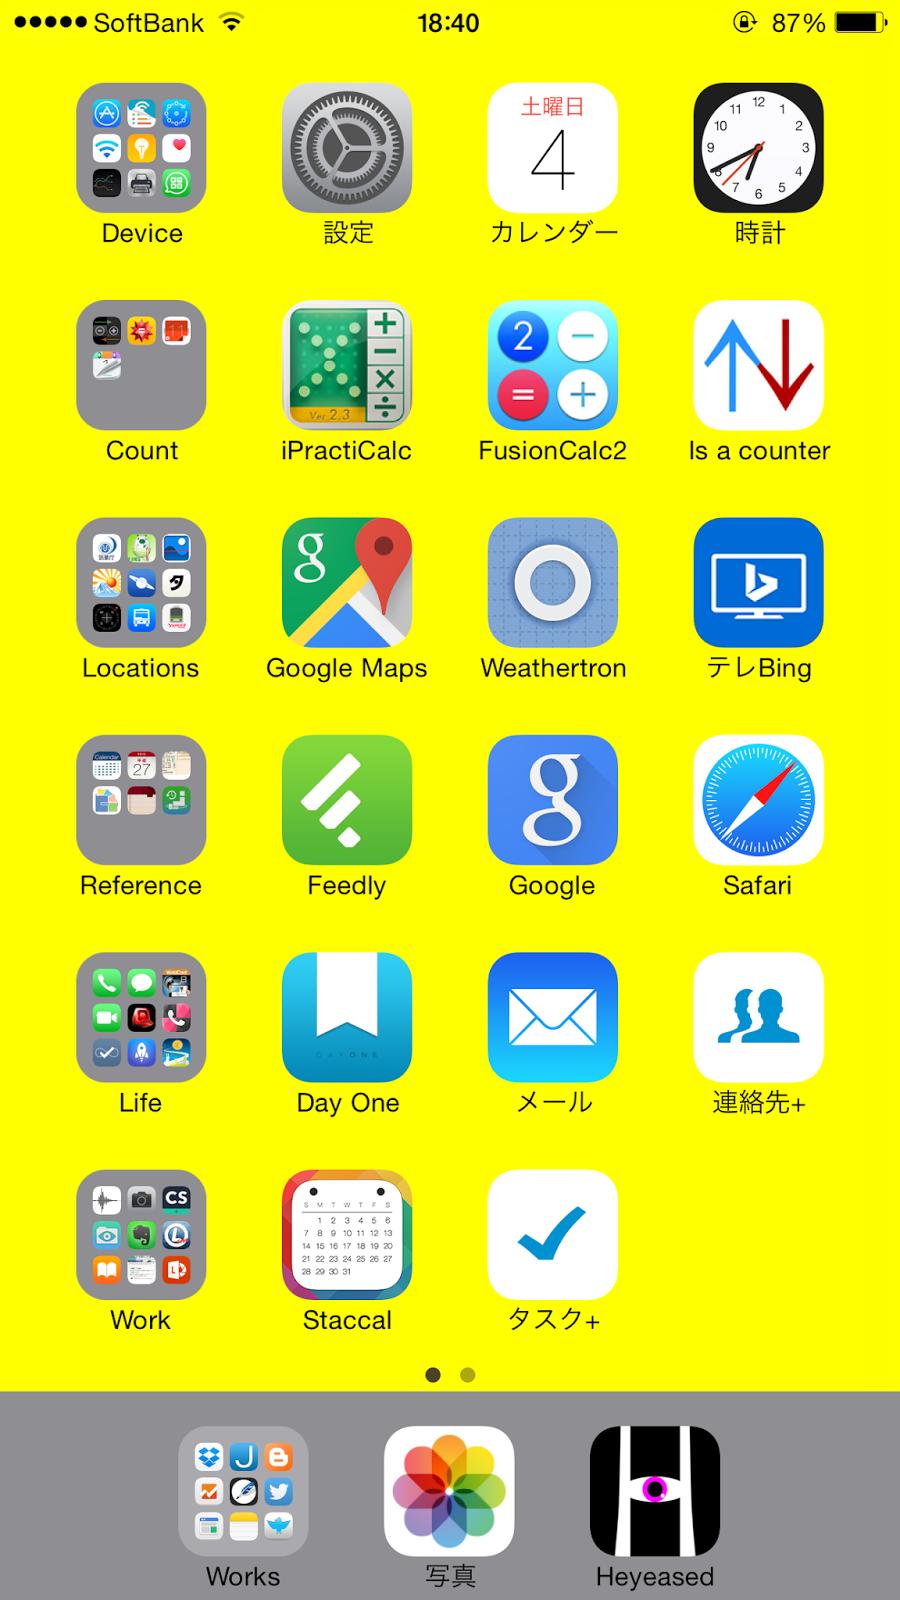 透明度を下げるをオンにしたiPhoneのスクリーンショット